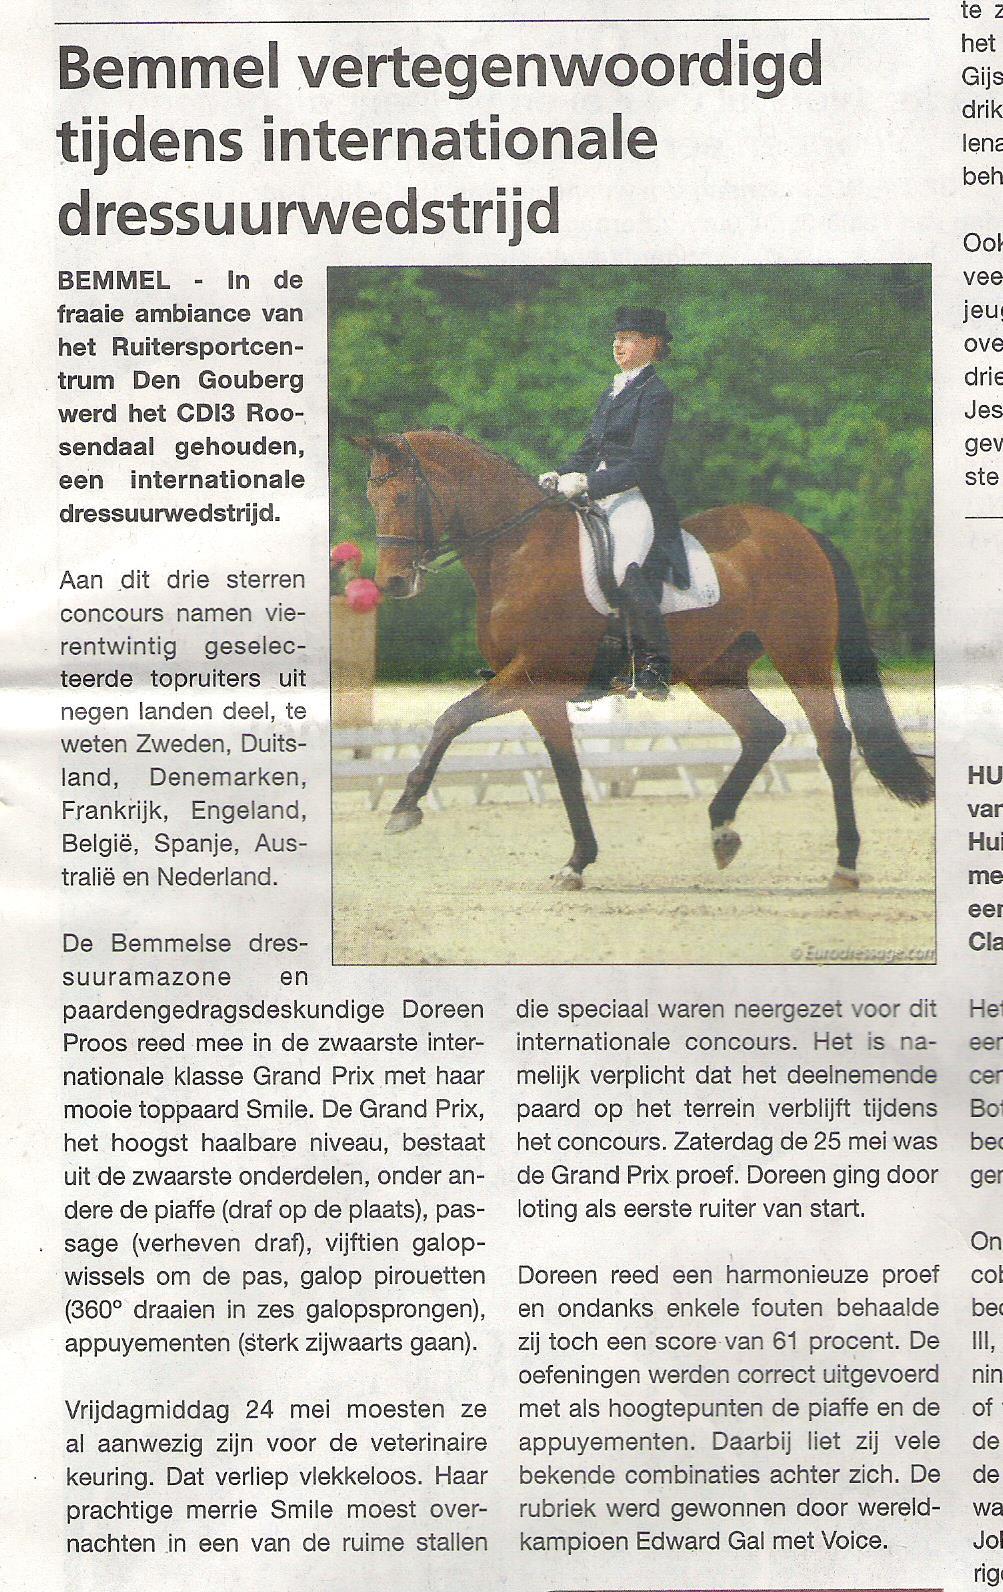 CDI3* Roosendaal Grand Prix internationaal